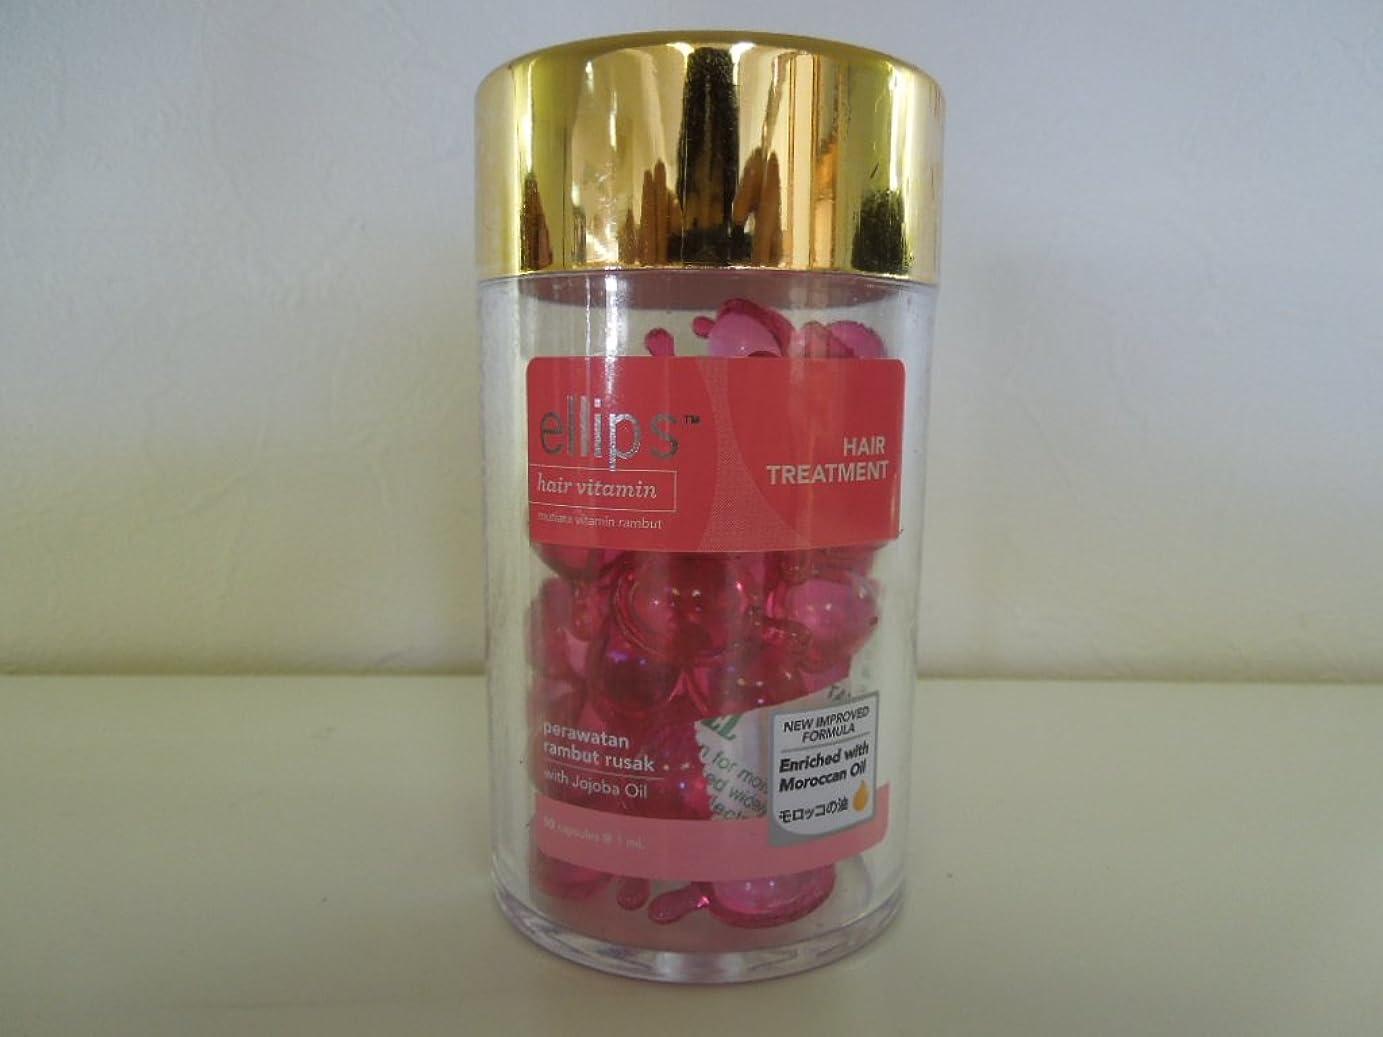 寸前電信ブランデーellips (エリプス) ヘアービタミン トリートメント 50粒入り ピンク ダメージヘア